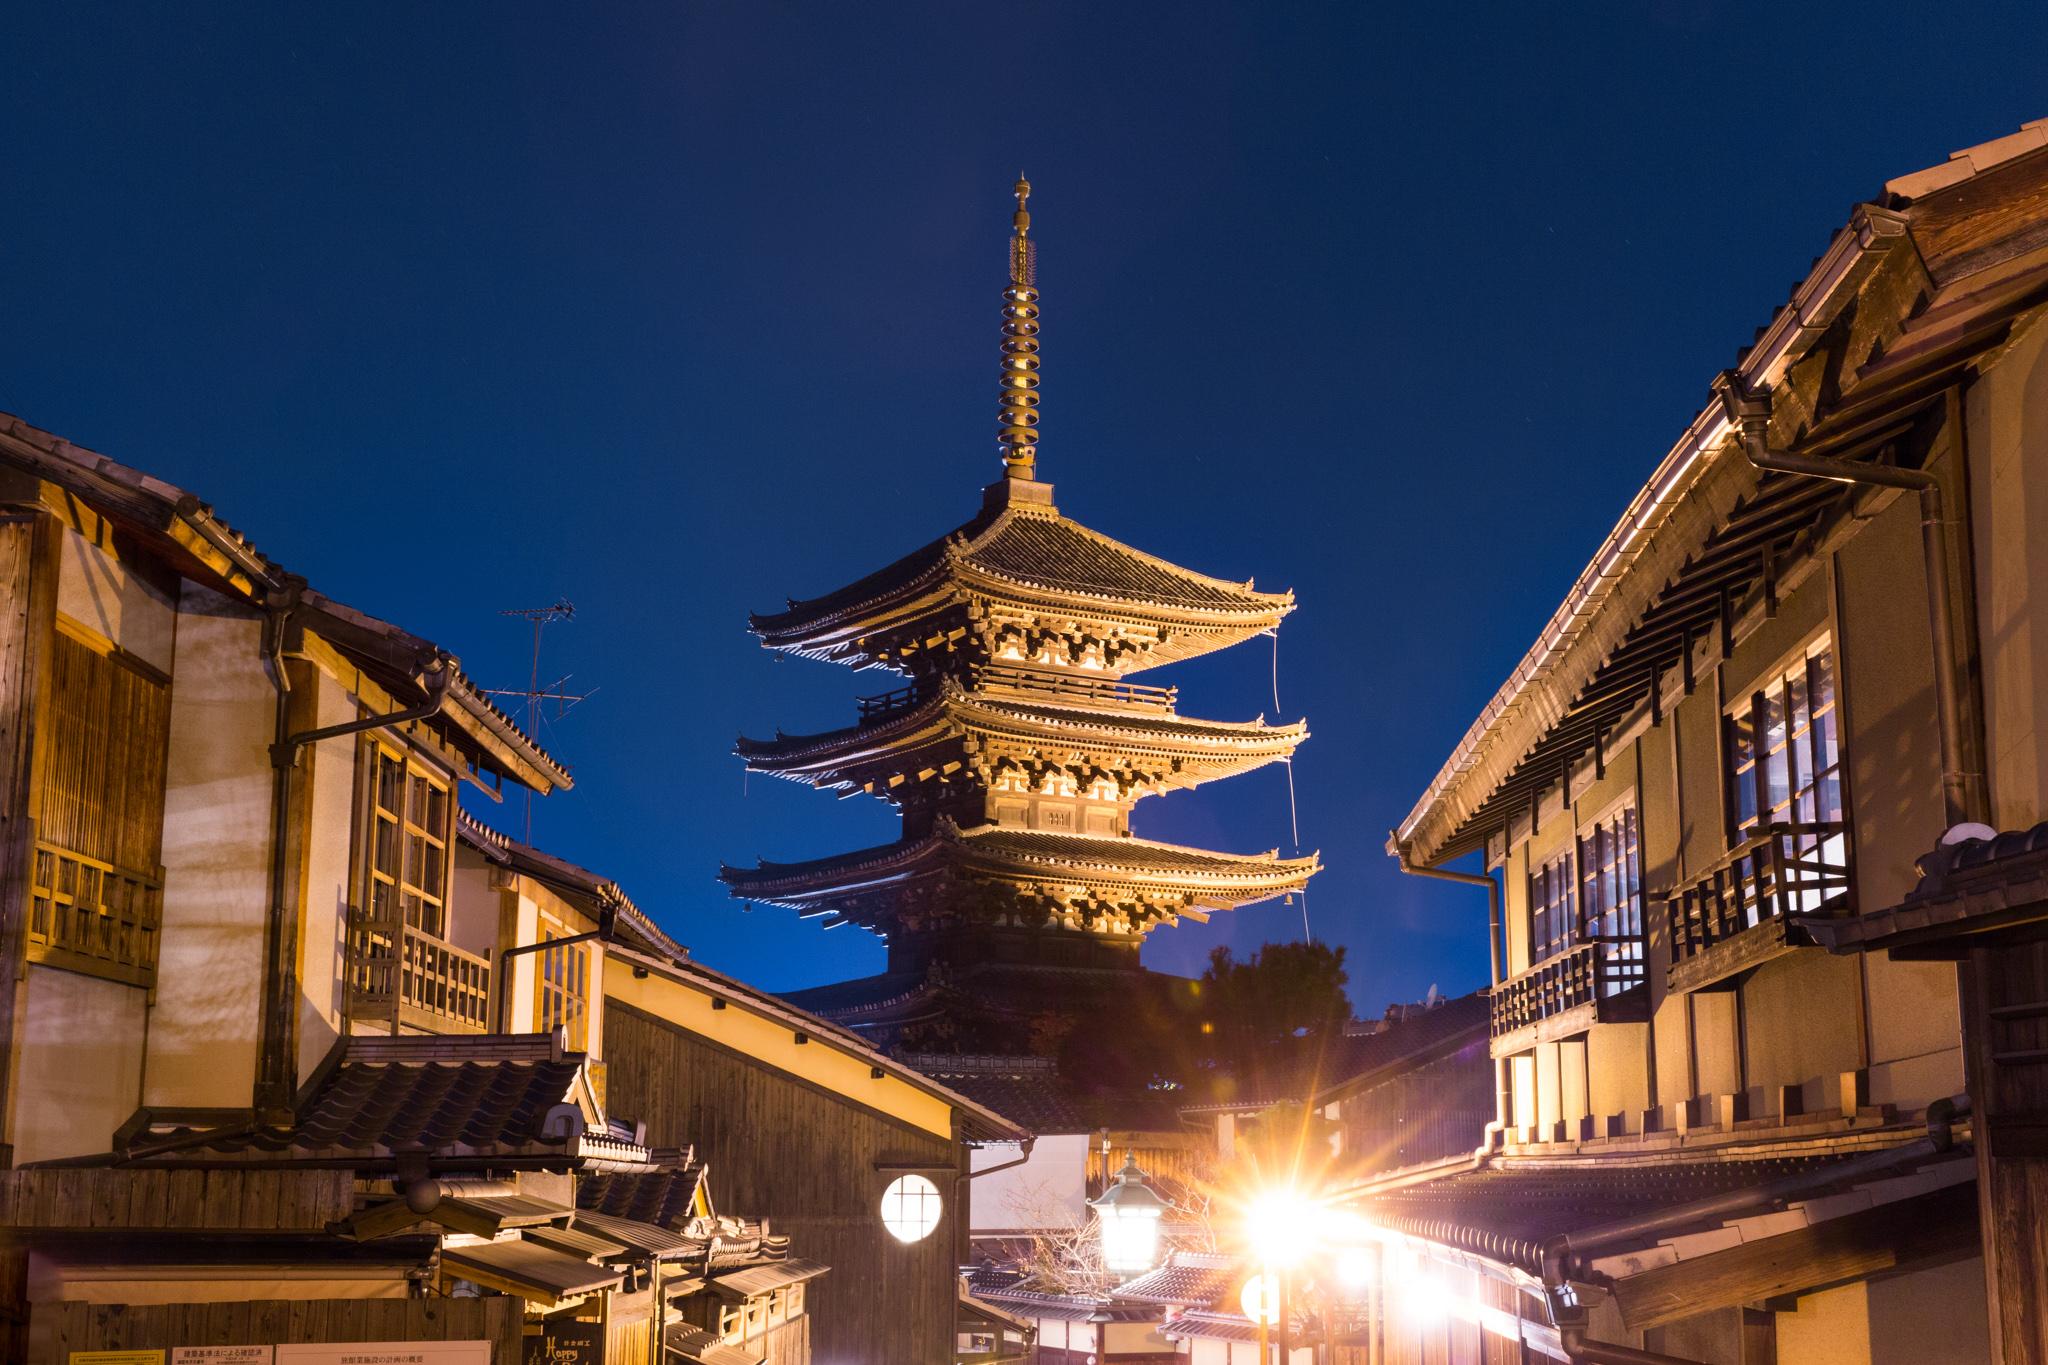 5126-japan-urban-orange-gate.jpg